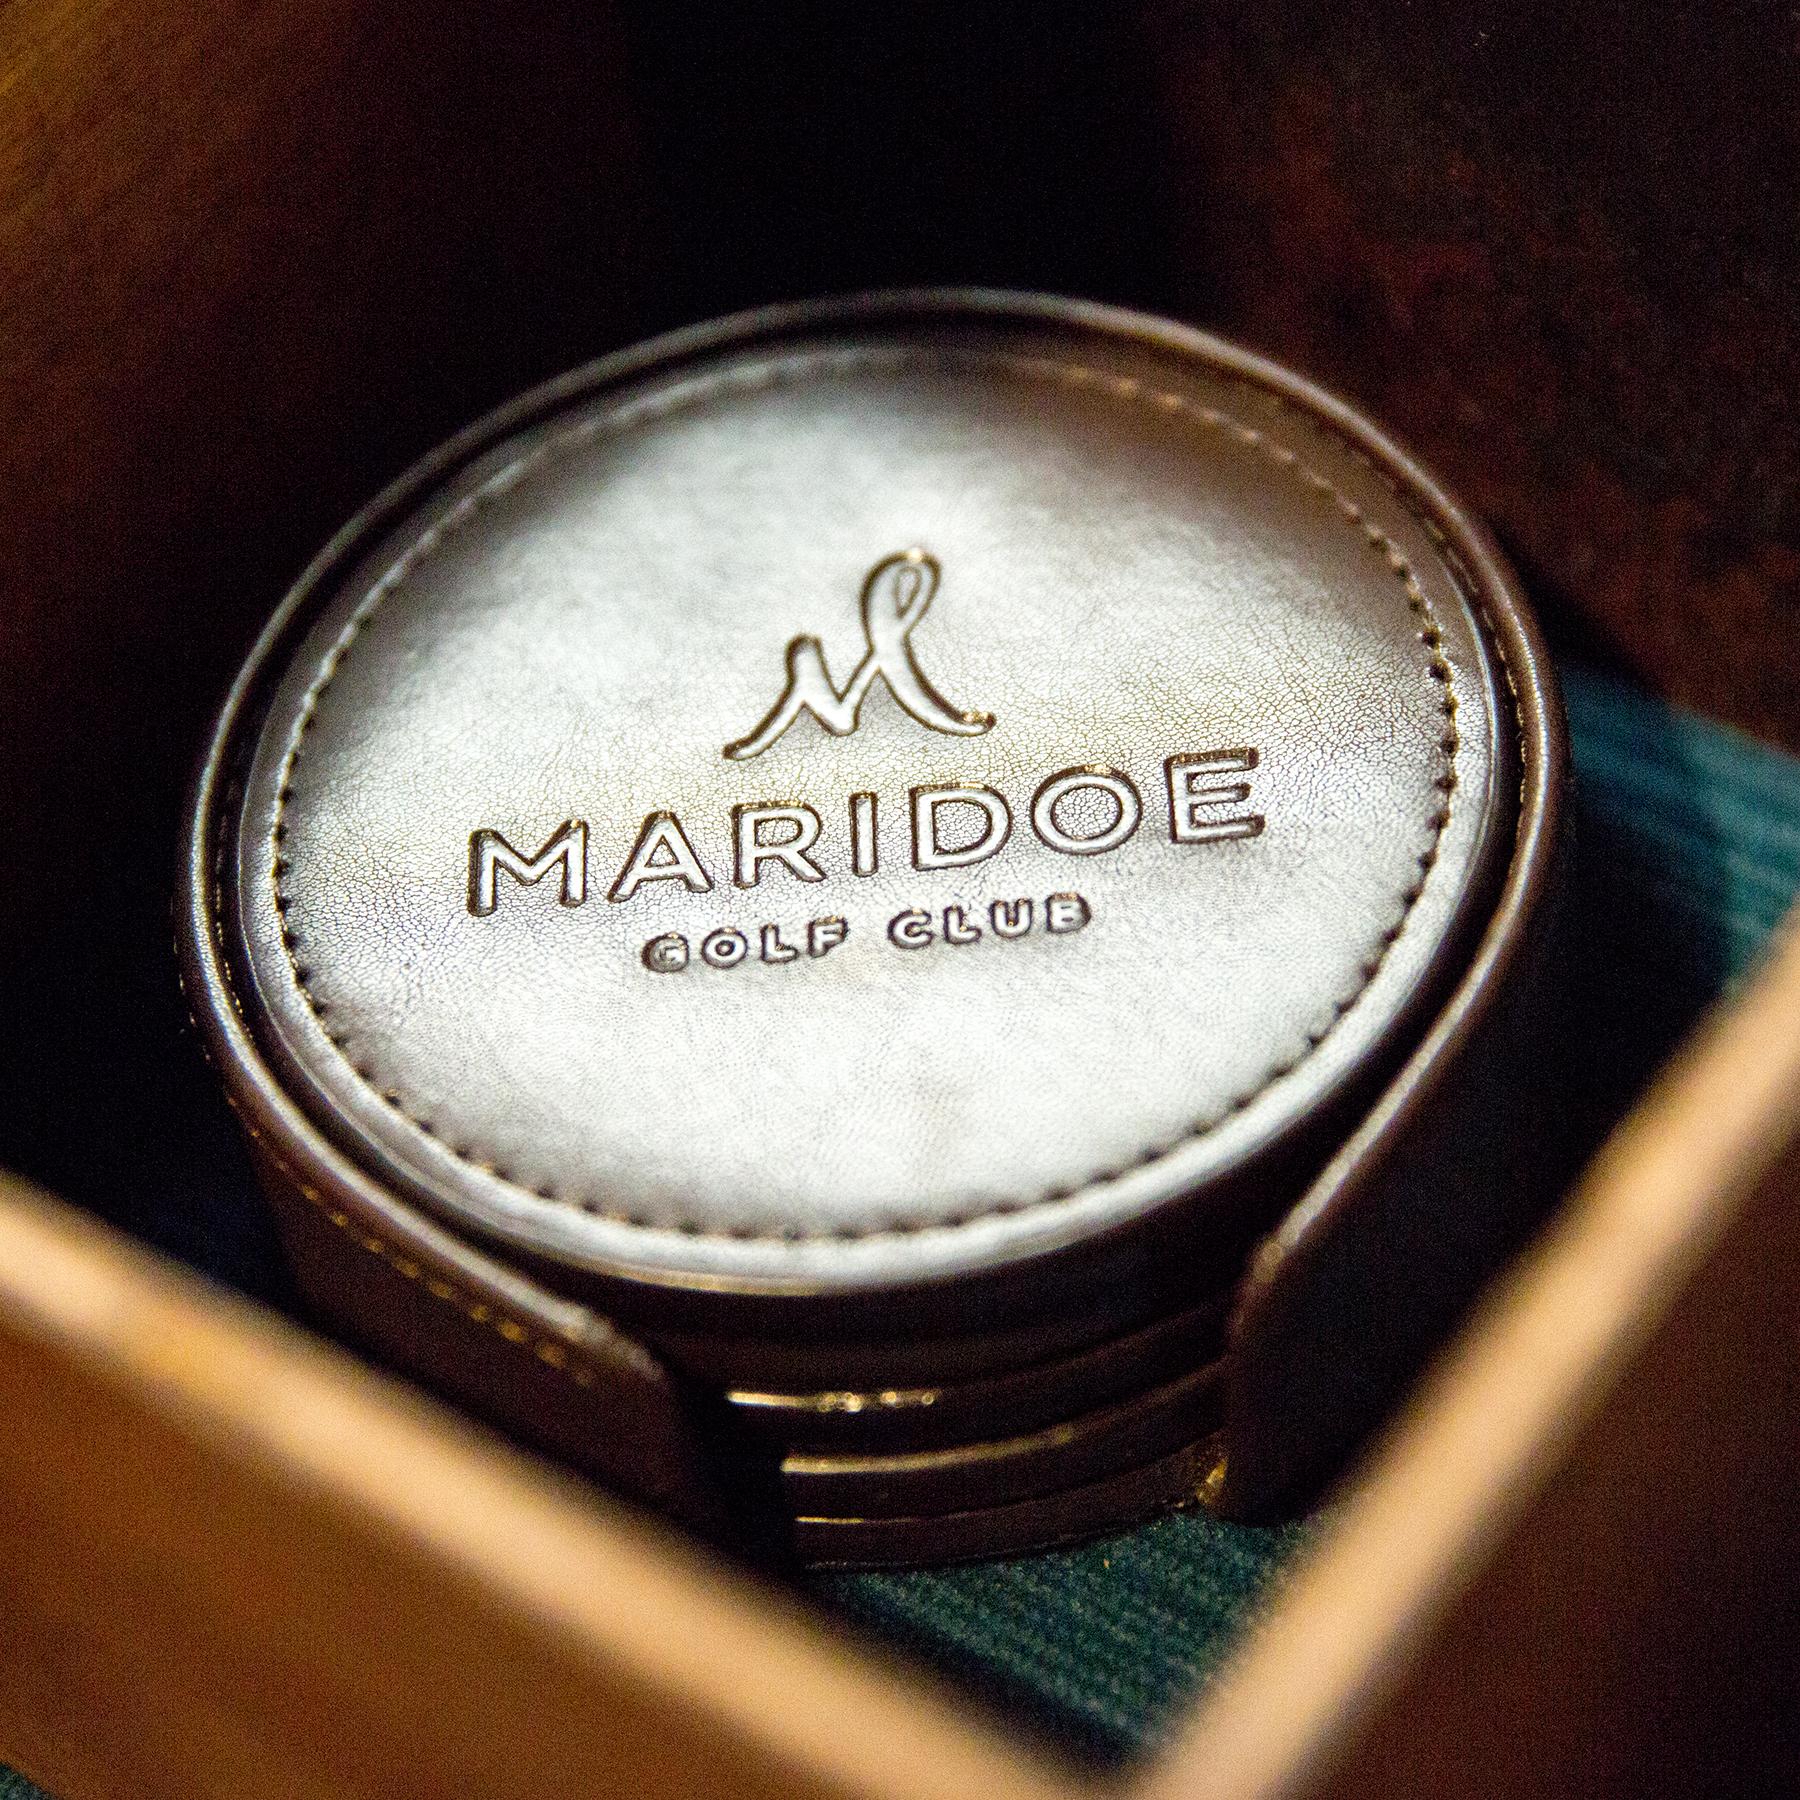 Maridoe Portfolio Small Faulk 2